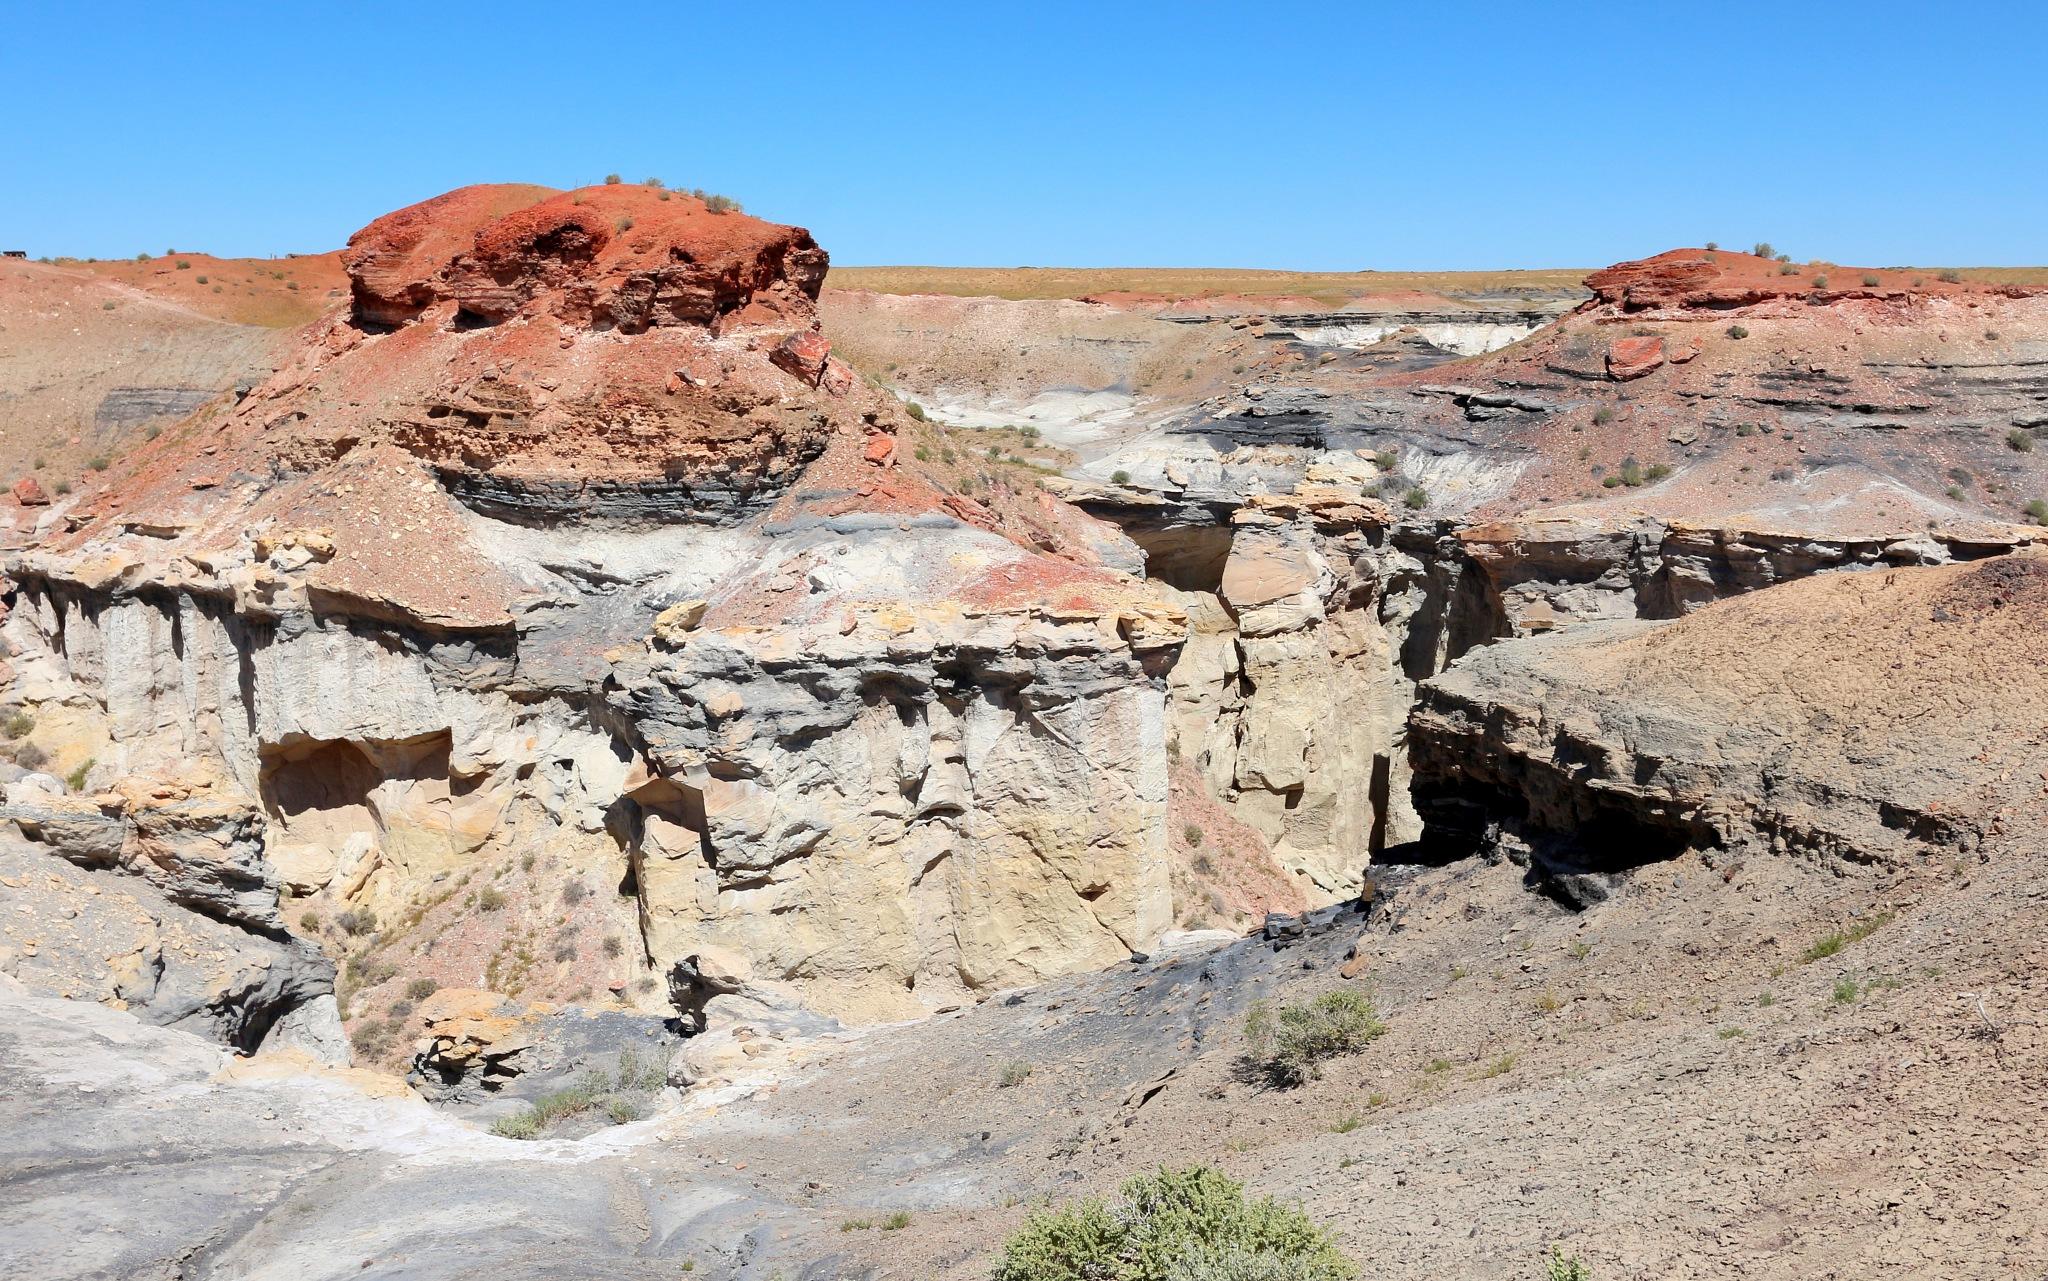 Coal Mine Canyon, AZ by katze